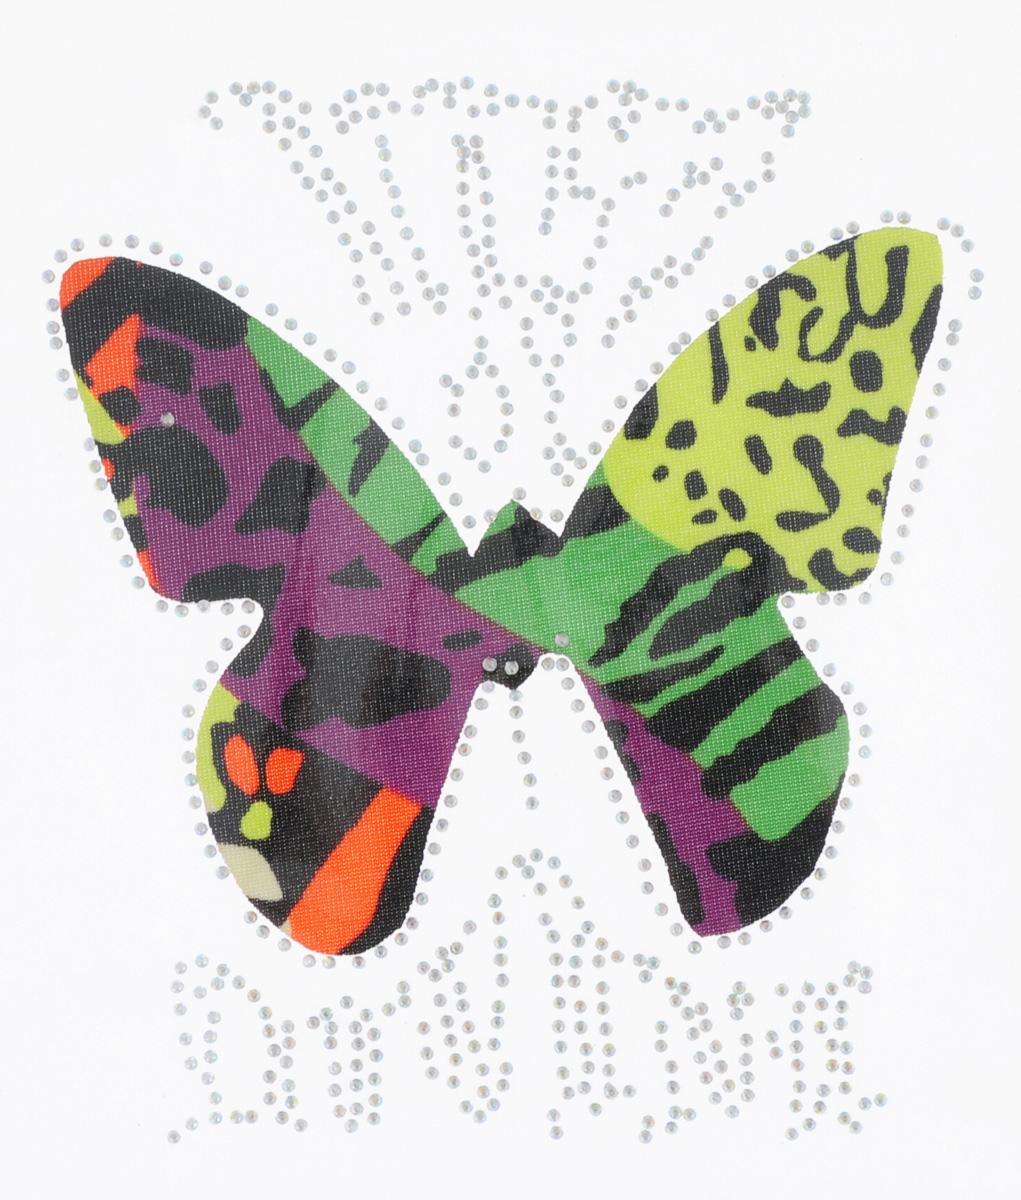 Термоаппликация Hobby&Pro Бабочка с короной, цвет: желтый, зеленый, фиолетовый, 15 х 13 см7713588_5 разноцветныйКлеевая термоаппликация Hobby&Pro Бабочка с короной изготовлена из текстиля. Изделие оформлено сверкающими стразами и ярким разноцветным принтом. Термоаппликация с обратной стороны оснащена клеевым слоем, благодаря которому при помощи утюга вы сможете быстро и легко закрепить изделие на ткани. С такой термоаппликацией любая вещь станет особенной.